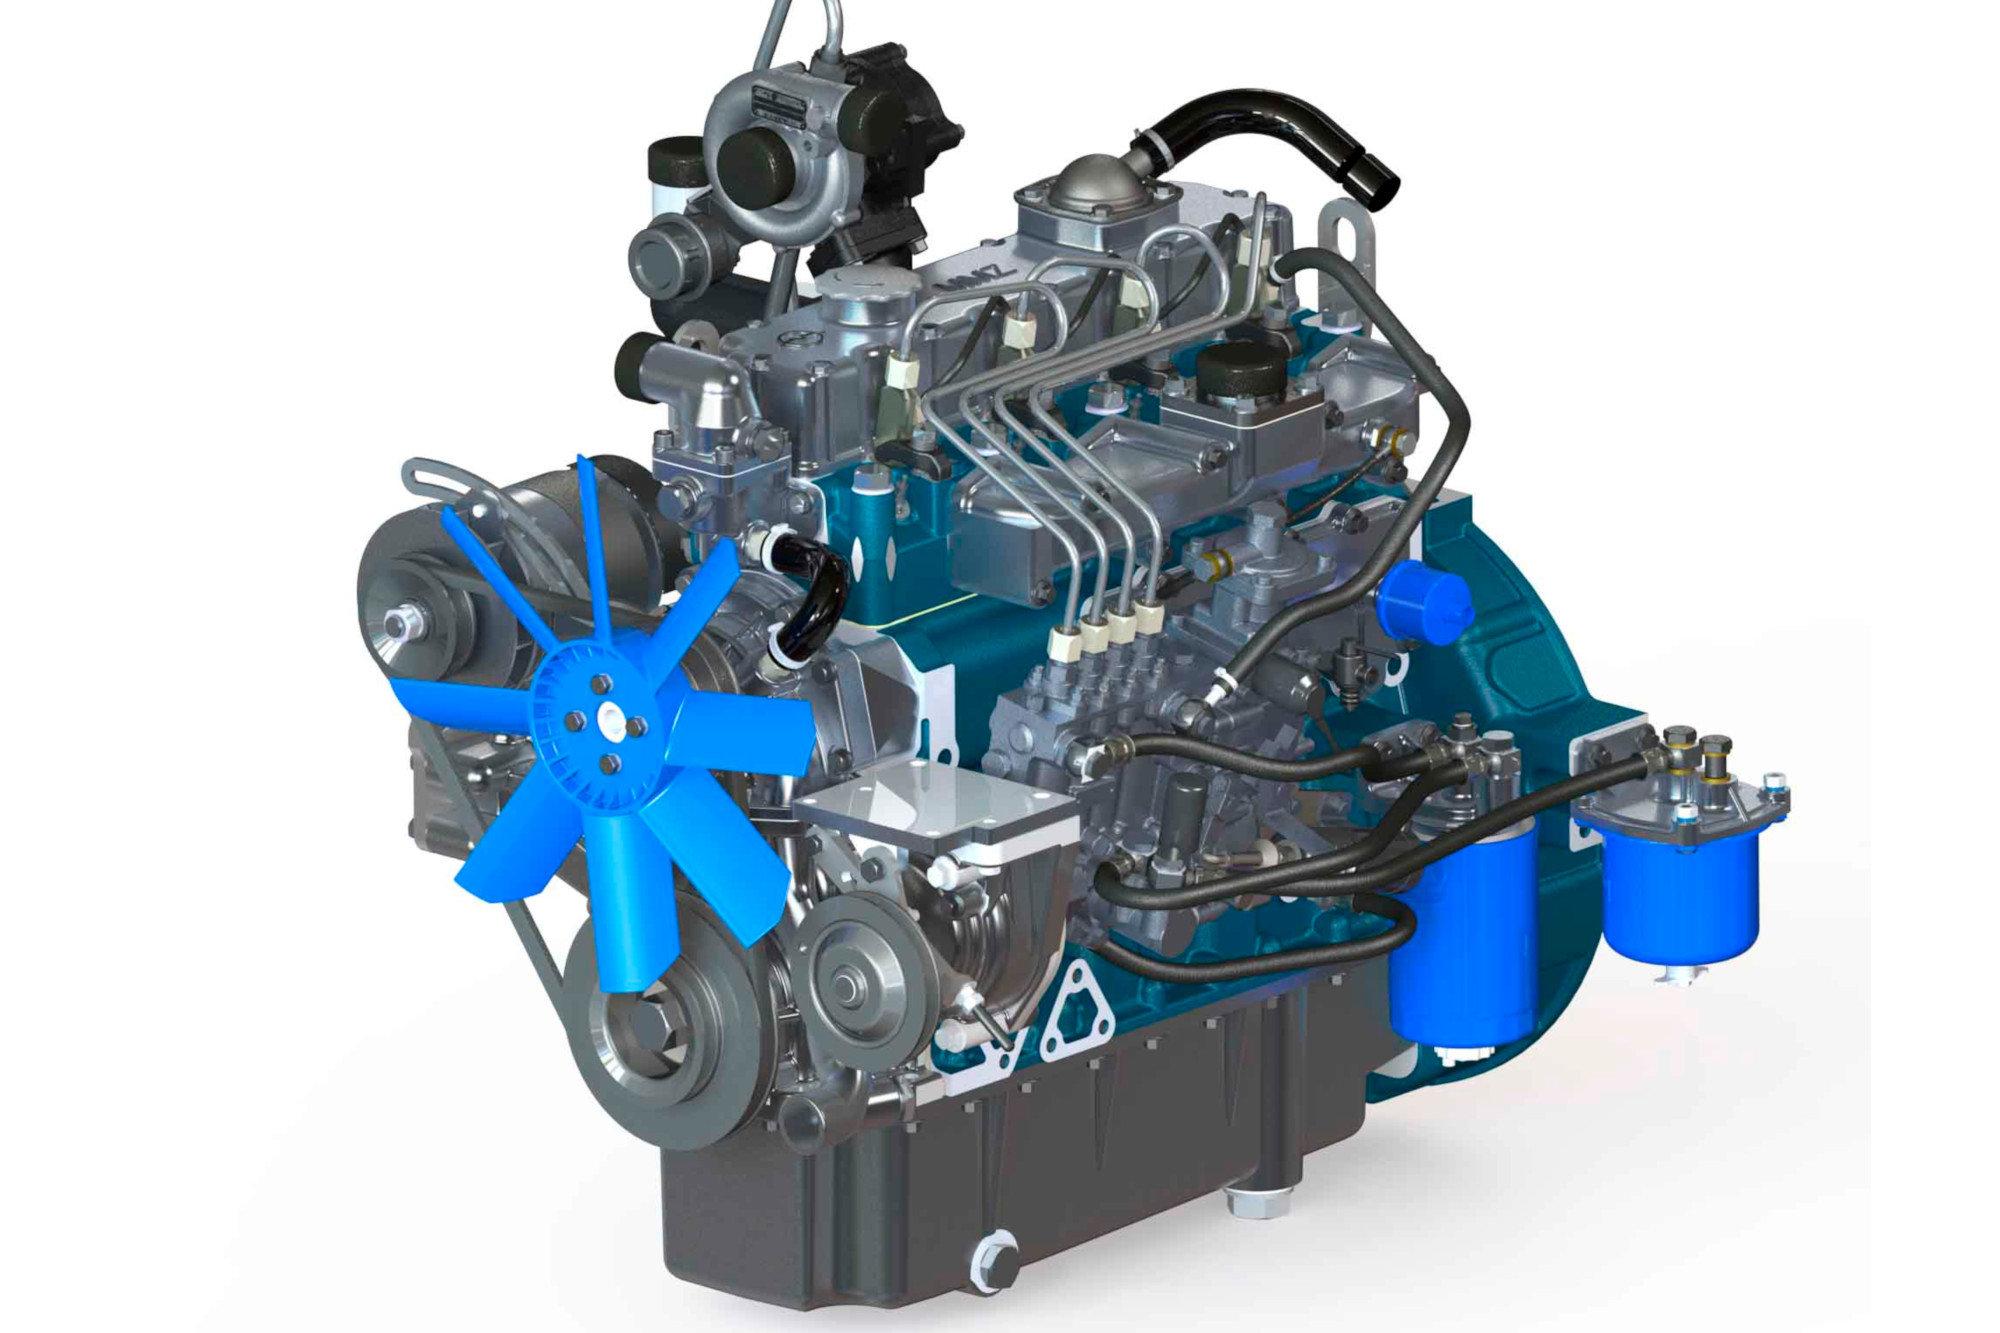 Двигатель от транспортера на уаз фольксваген транспортер от официального дилера